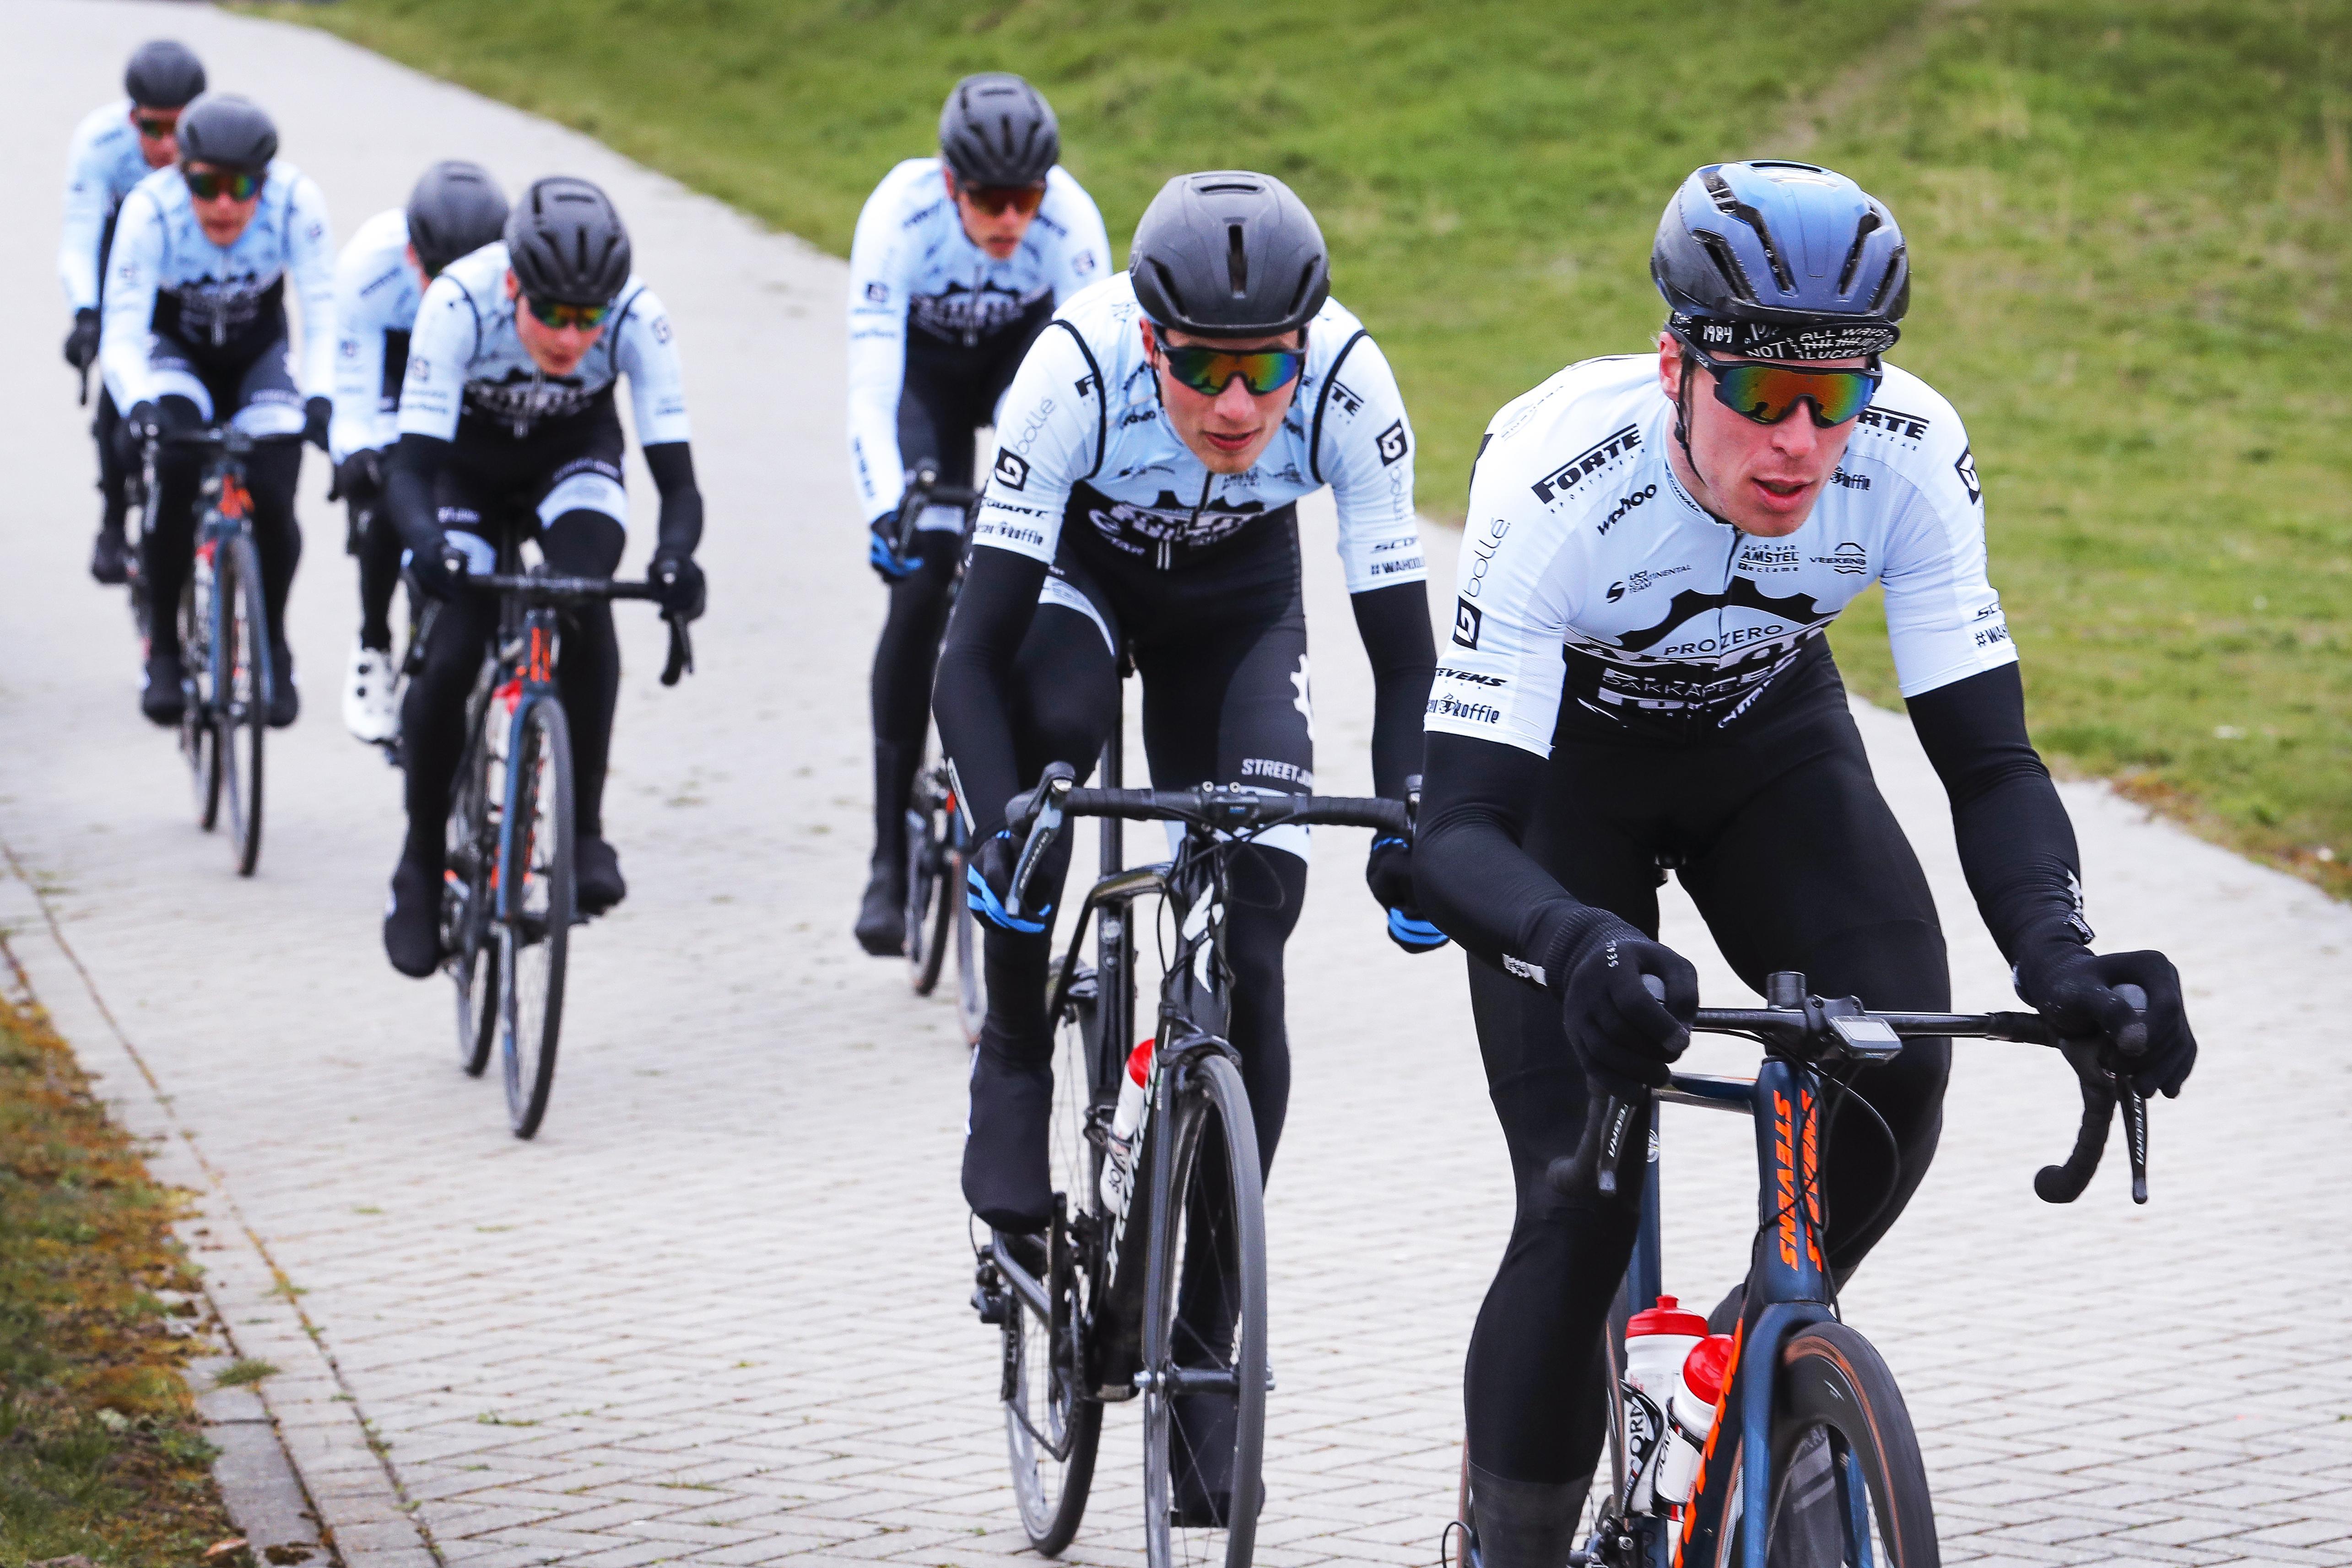 Ivar Slik en Stijn Appel van A Bloc CT moeten in hun eerste race meteen aan de bak tegen de wereldtop. Toch zijn ze optimistisch over de Ronde van Turkije: 'We gaan proberen voor een ritzege te koersen'